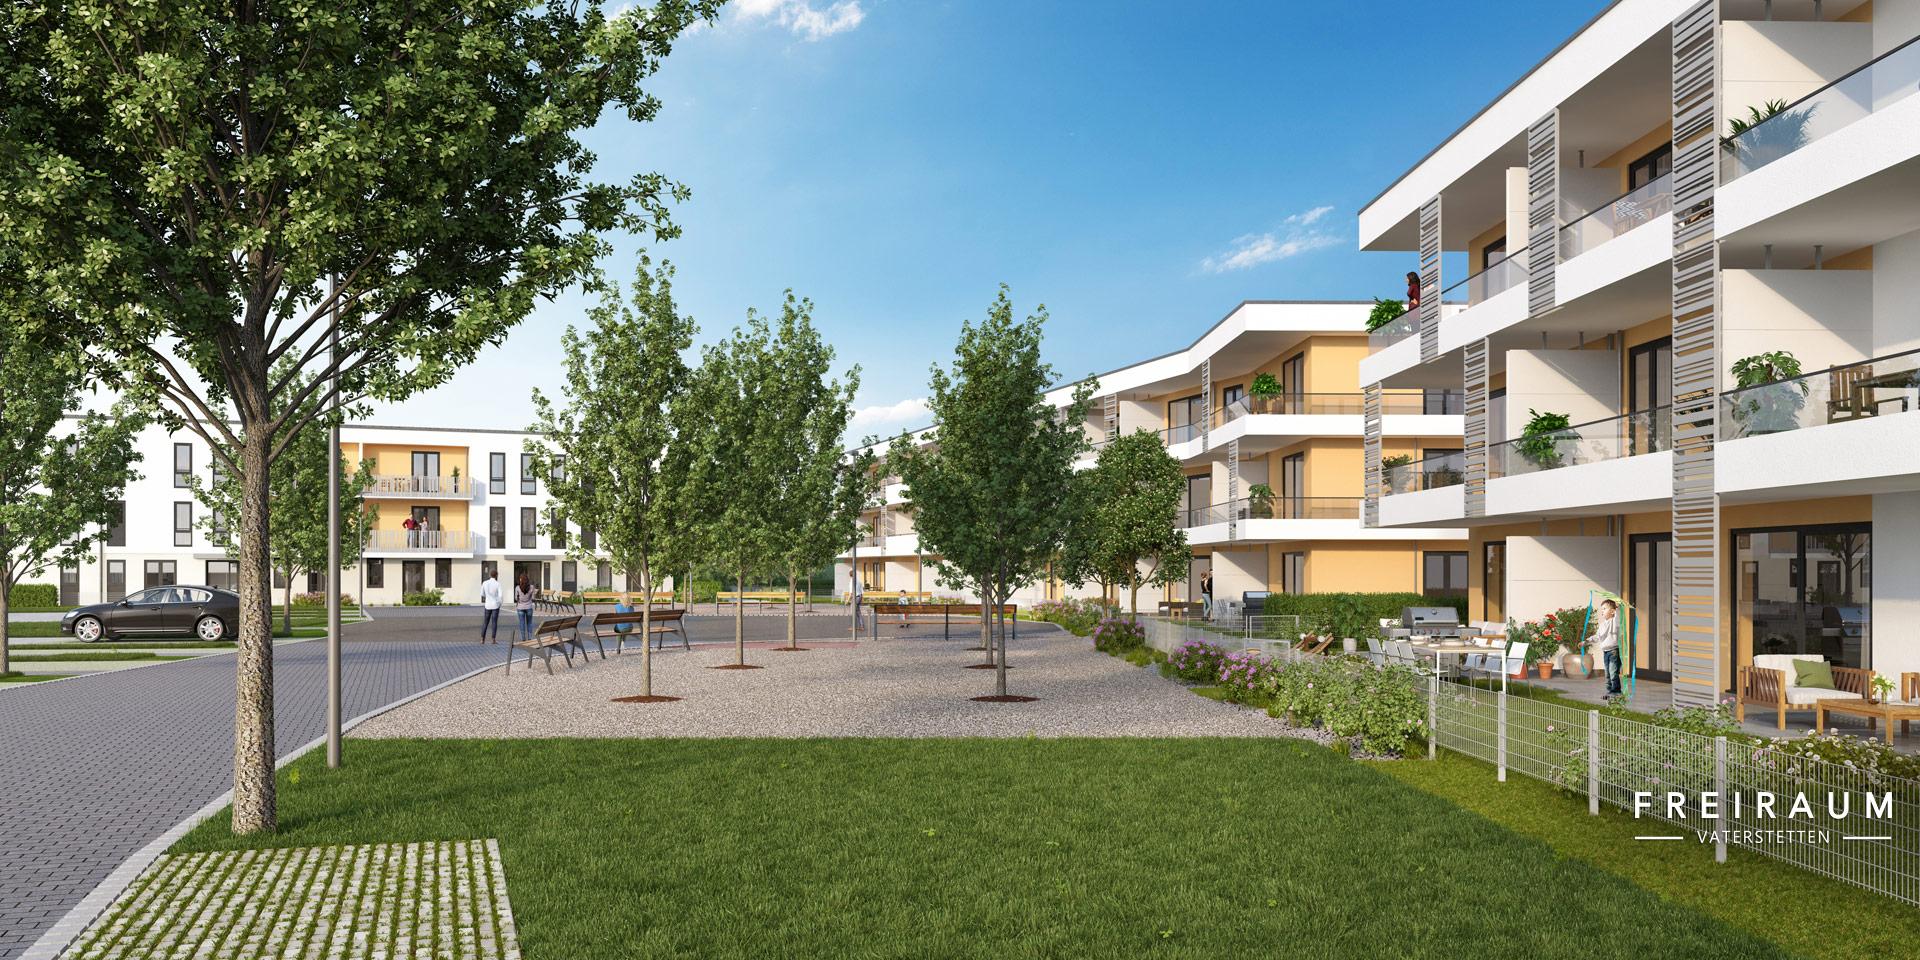 Eigentumswohnungen Vaterstetten: Freiraum Vaterstetten